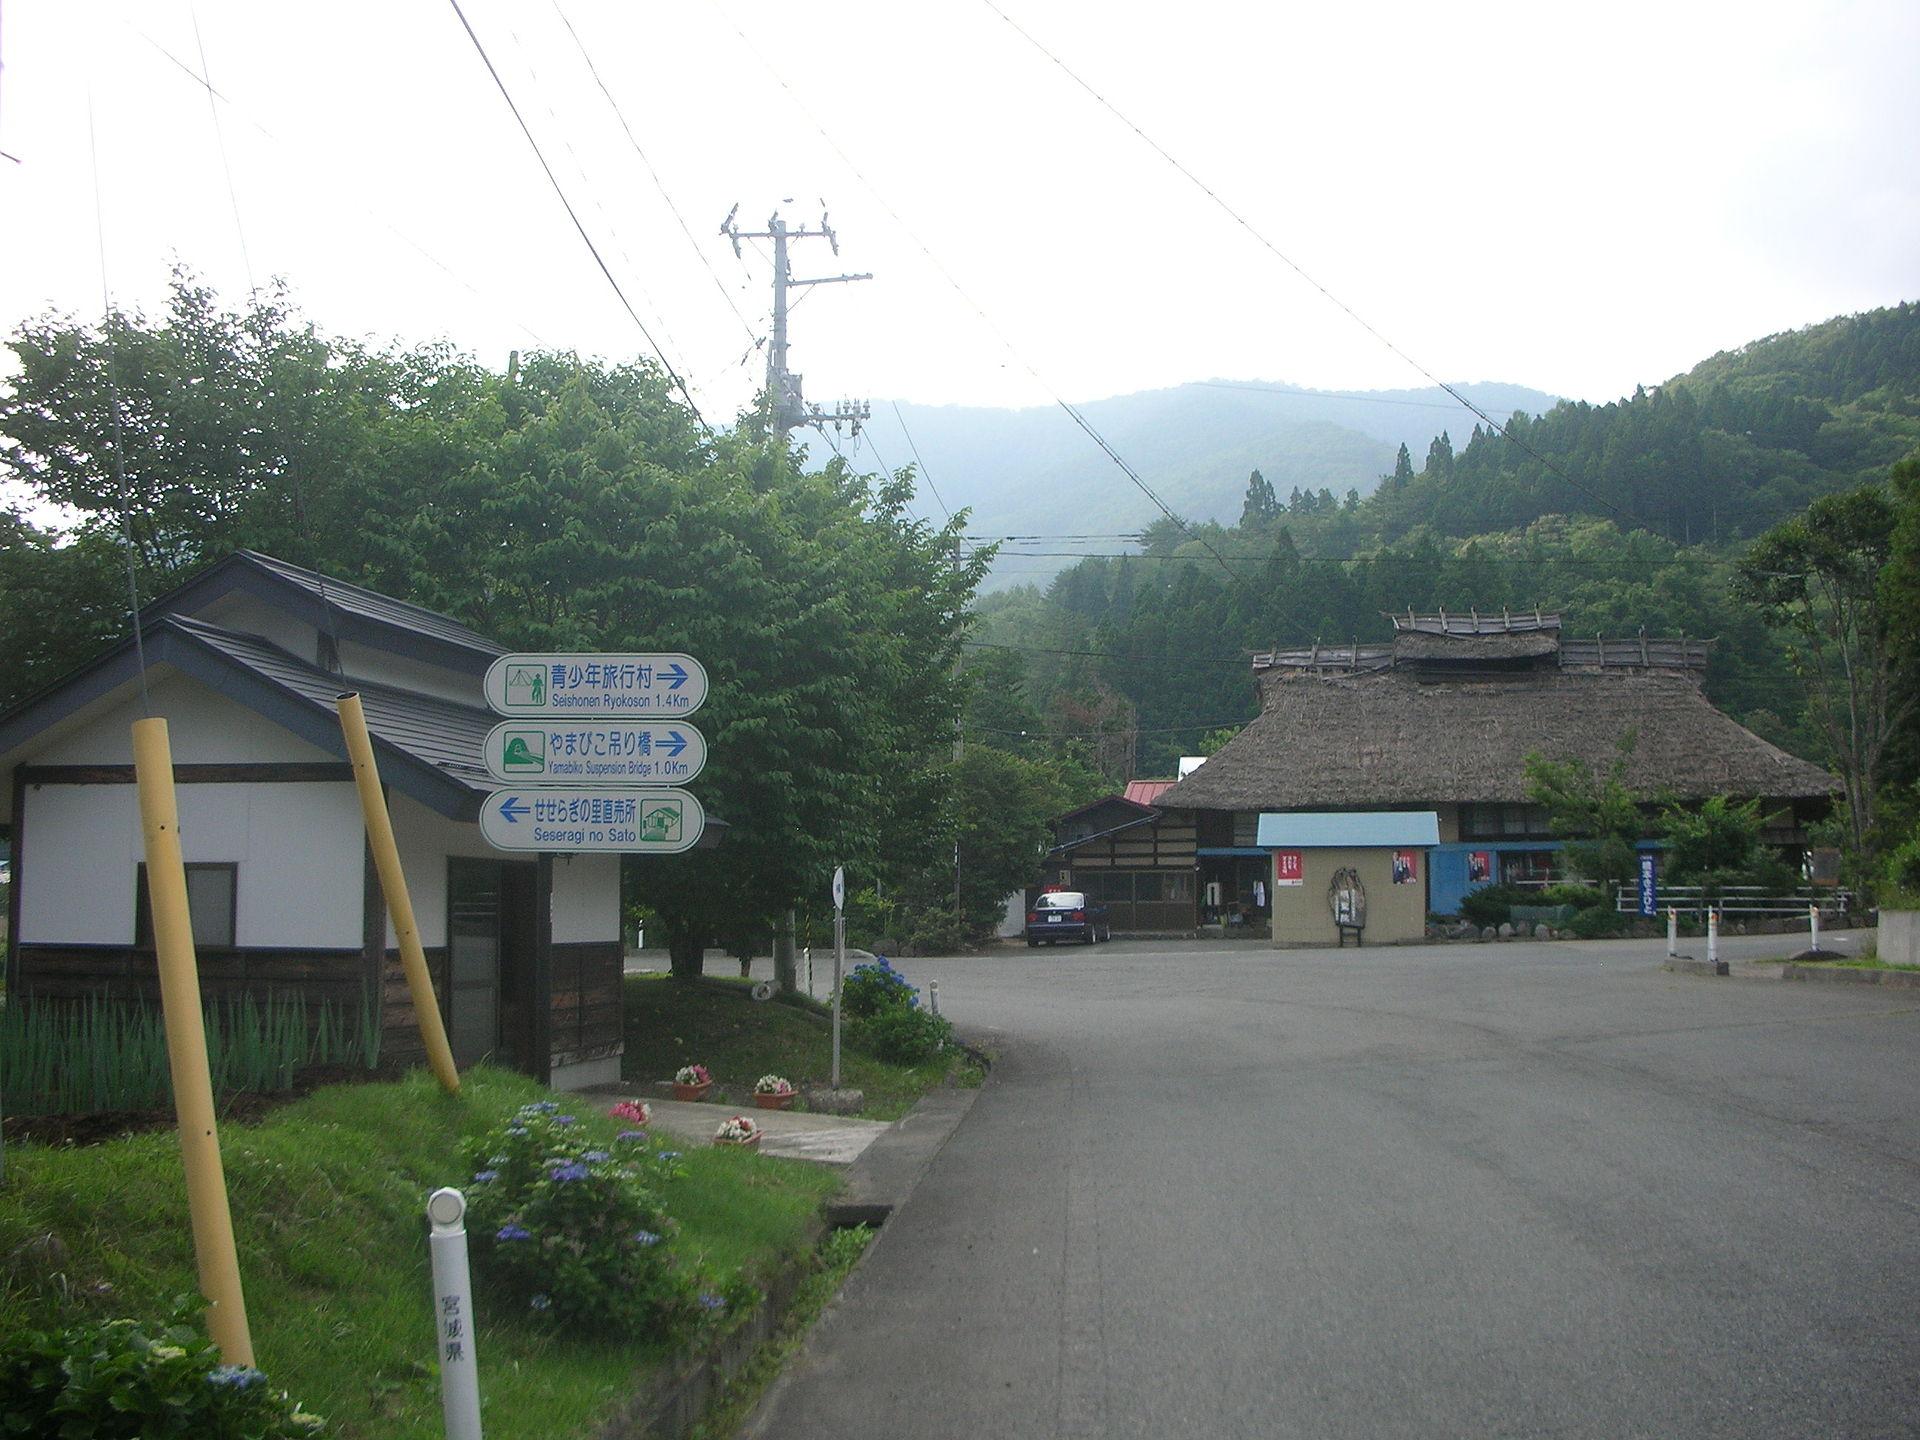 七ヶ宿町 - Wikipedia